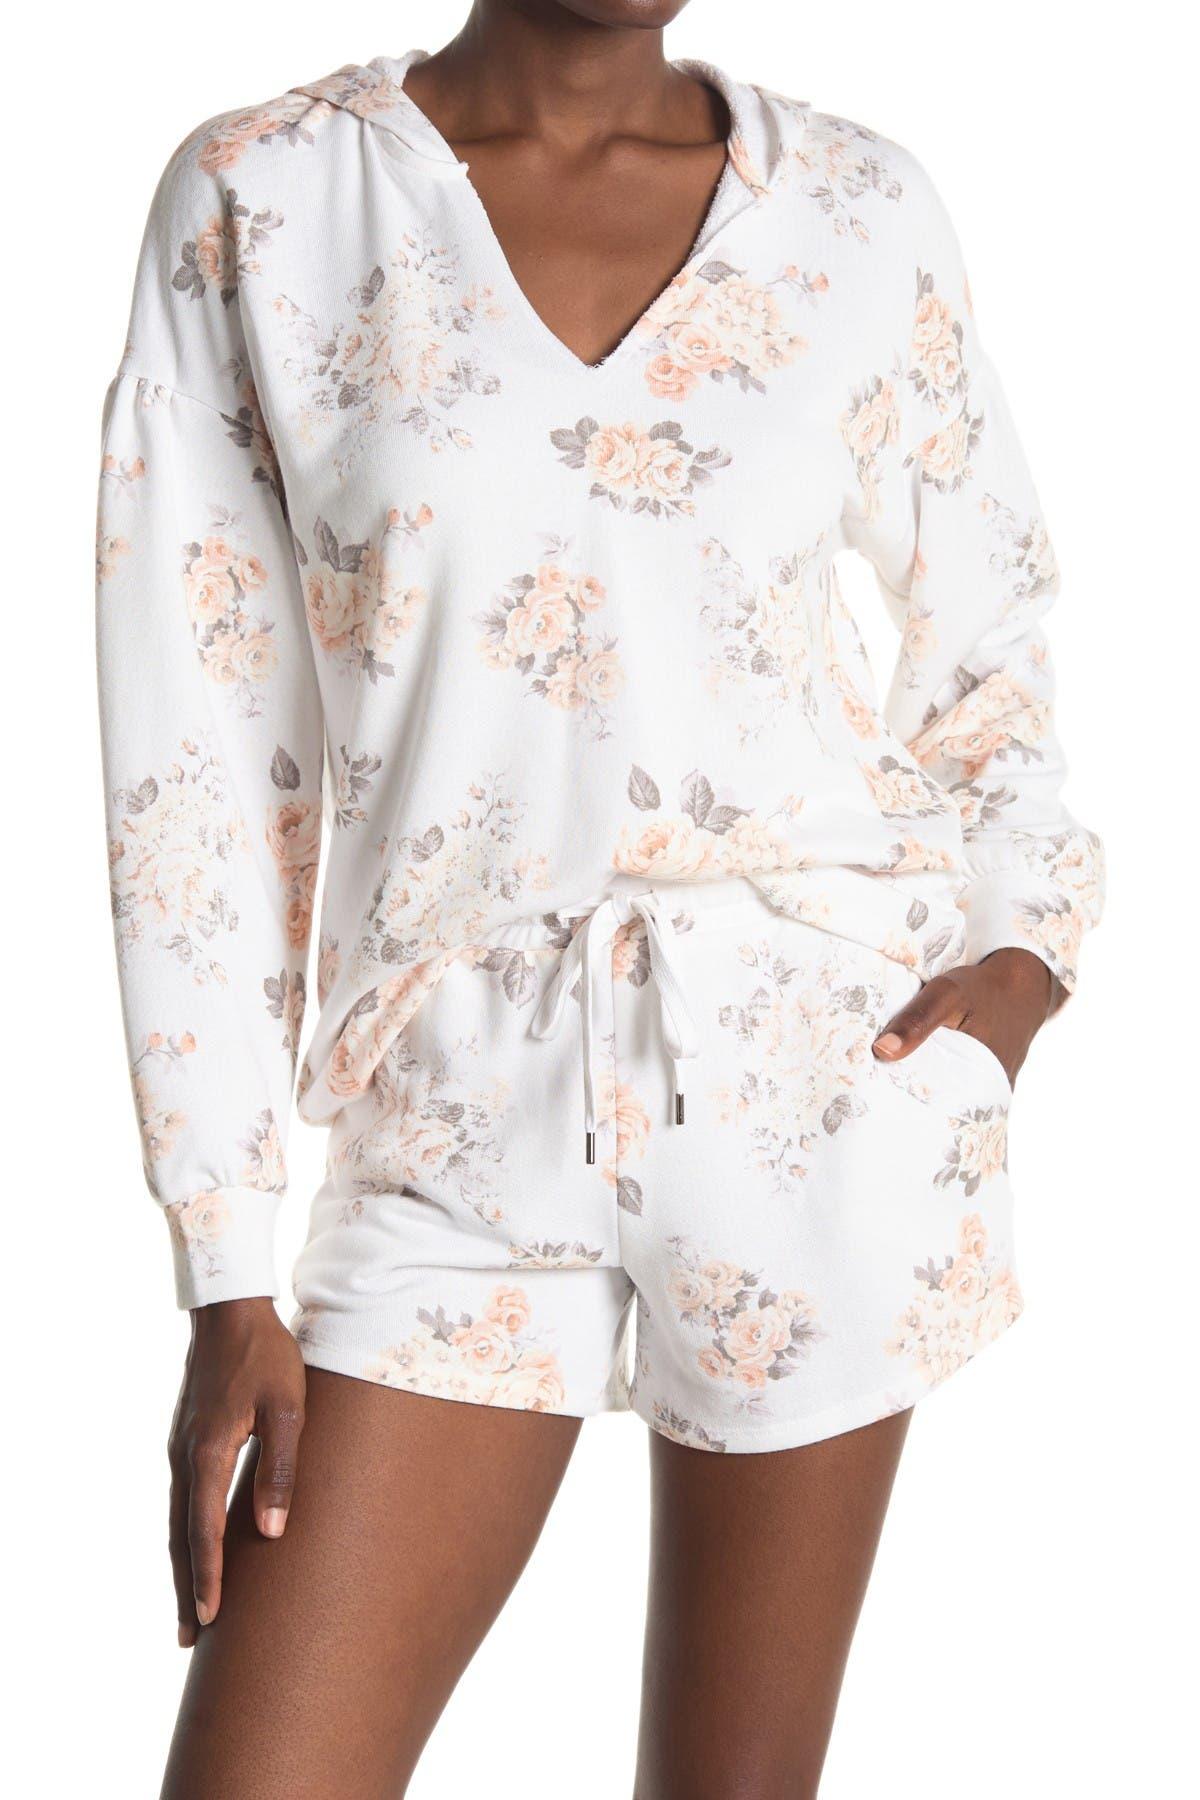 Image of Gibsonlook Printed Sweatshirt